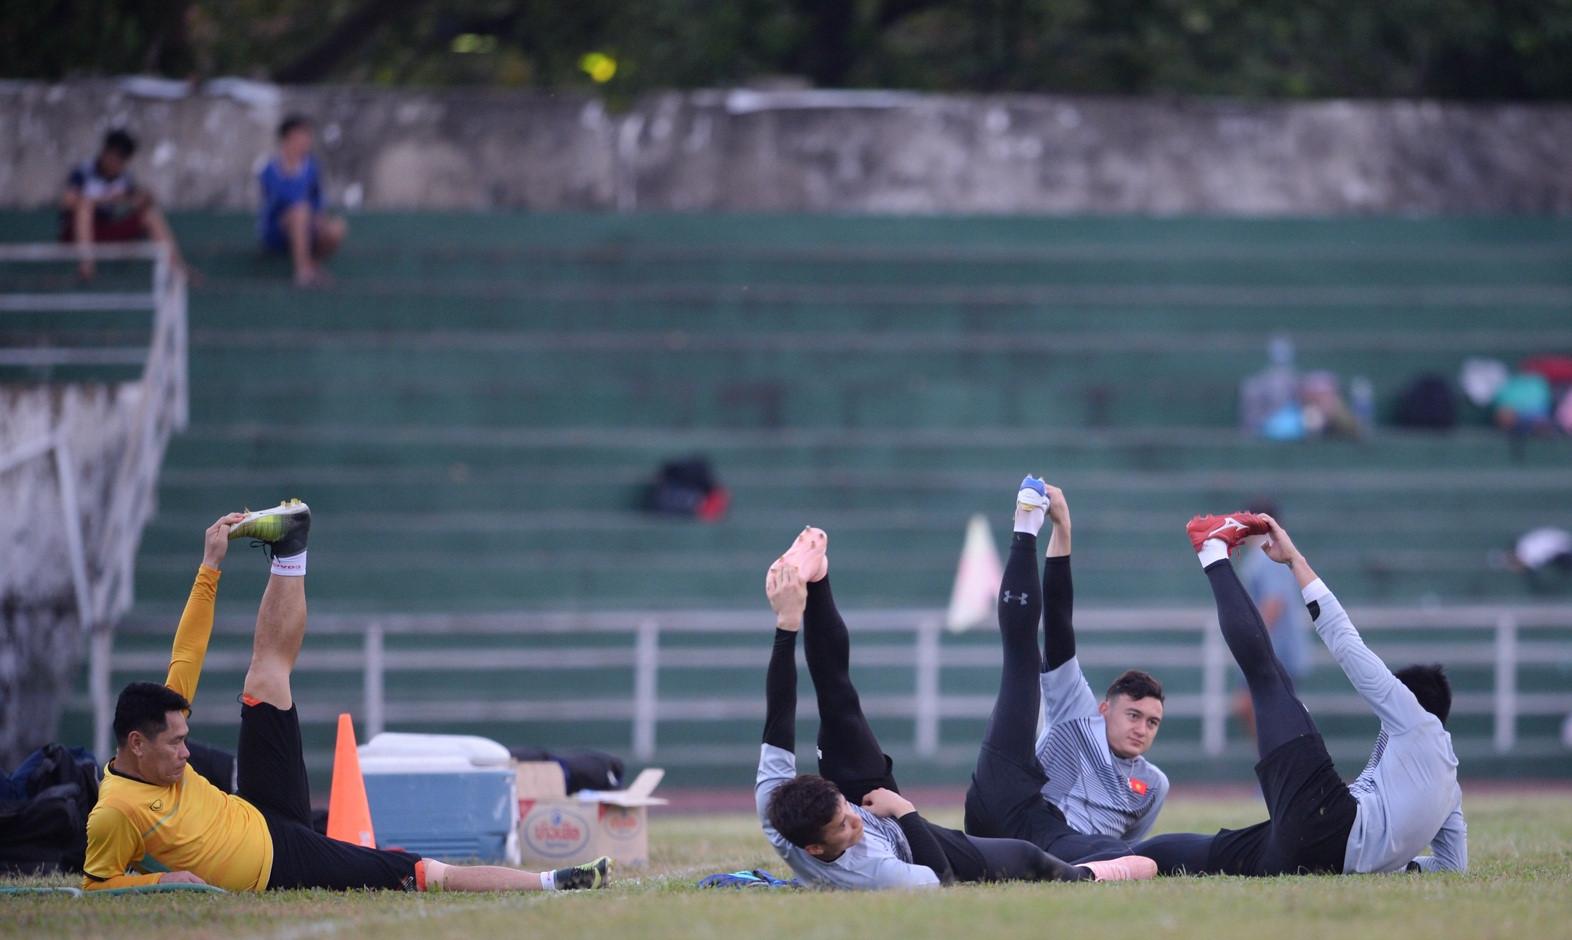 Tuyển Việt Nam tập chung sân với người dân đi tập thể dục Ảnh 8